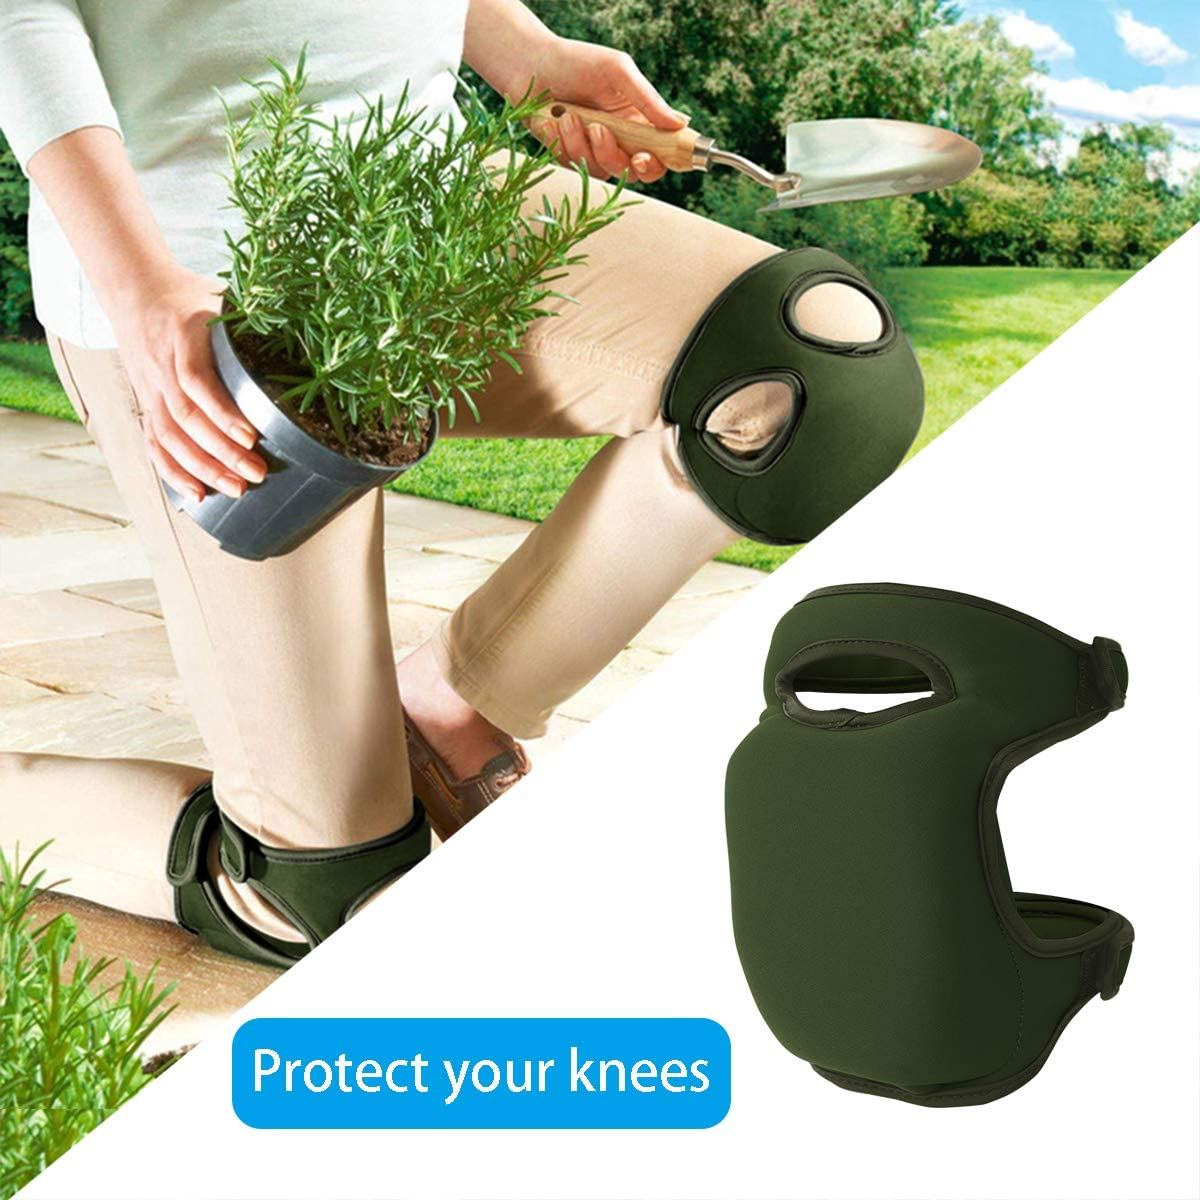 almohadilla de protecci/ón profesional 3 capas Rodilleras de neopreno suave para jardiner/ía protectores de rodillas para trabajos de limpieza de jard/ín con doble correa limpieza de suelos